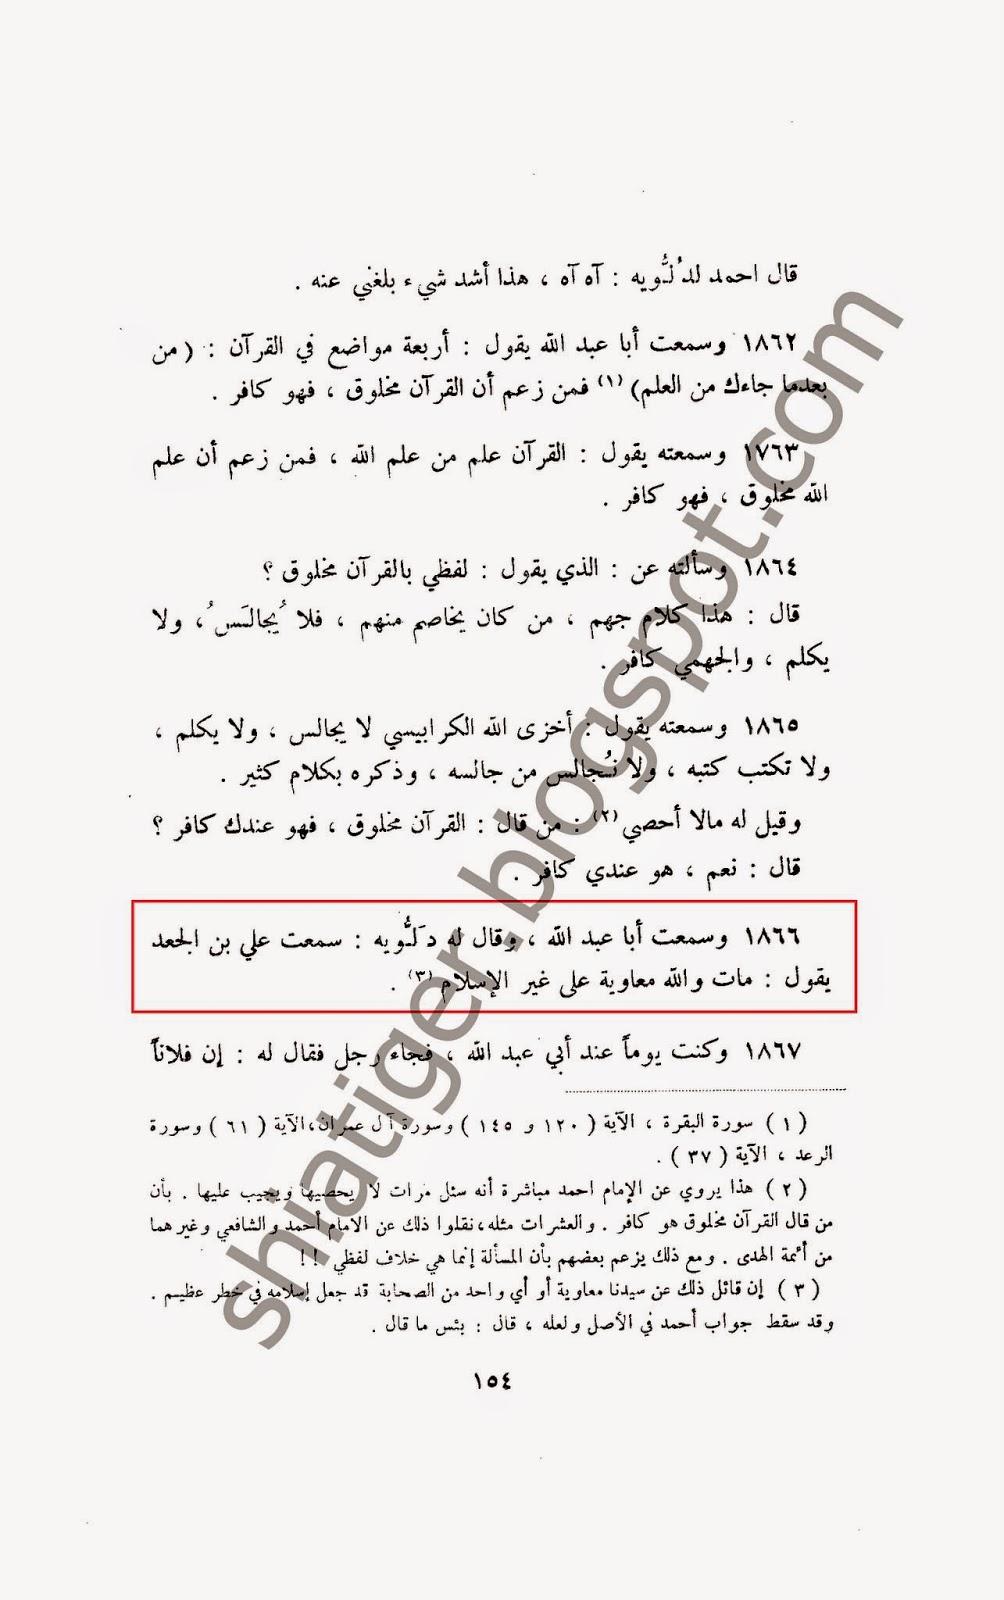 حافظ علی ابن جعد : معاویہ کافر مرا